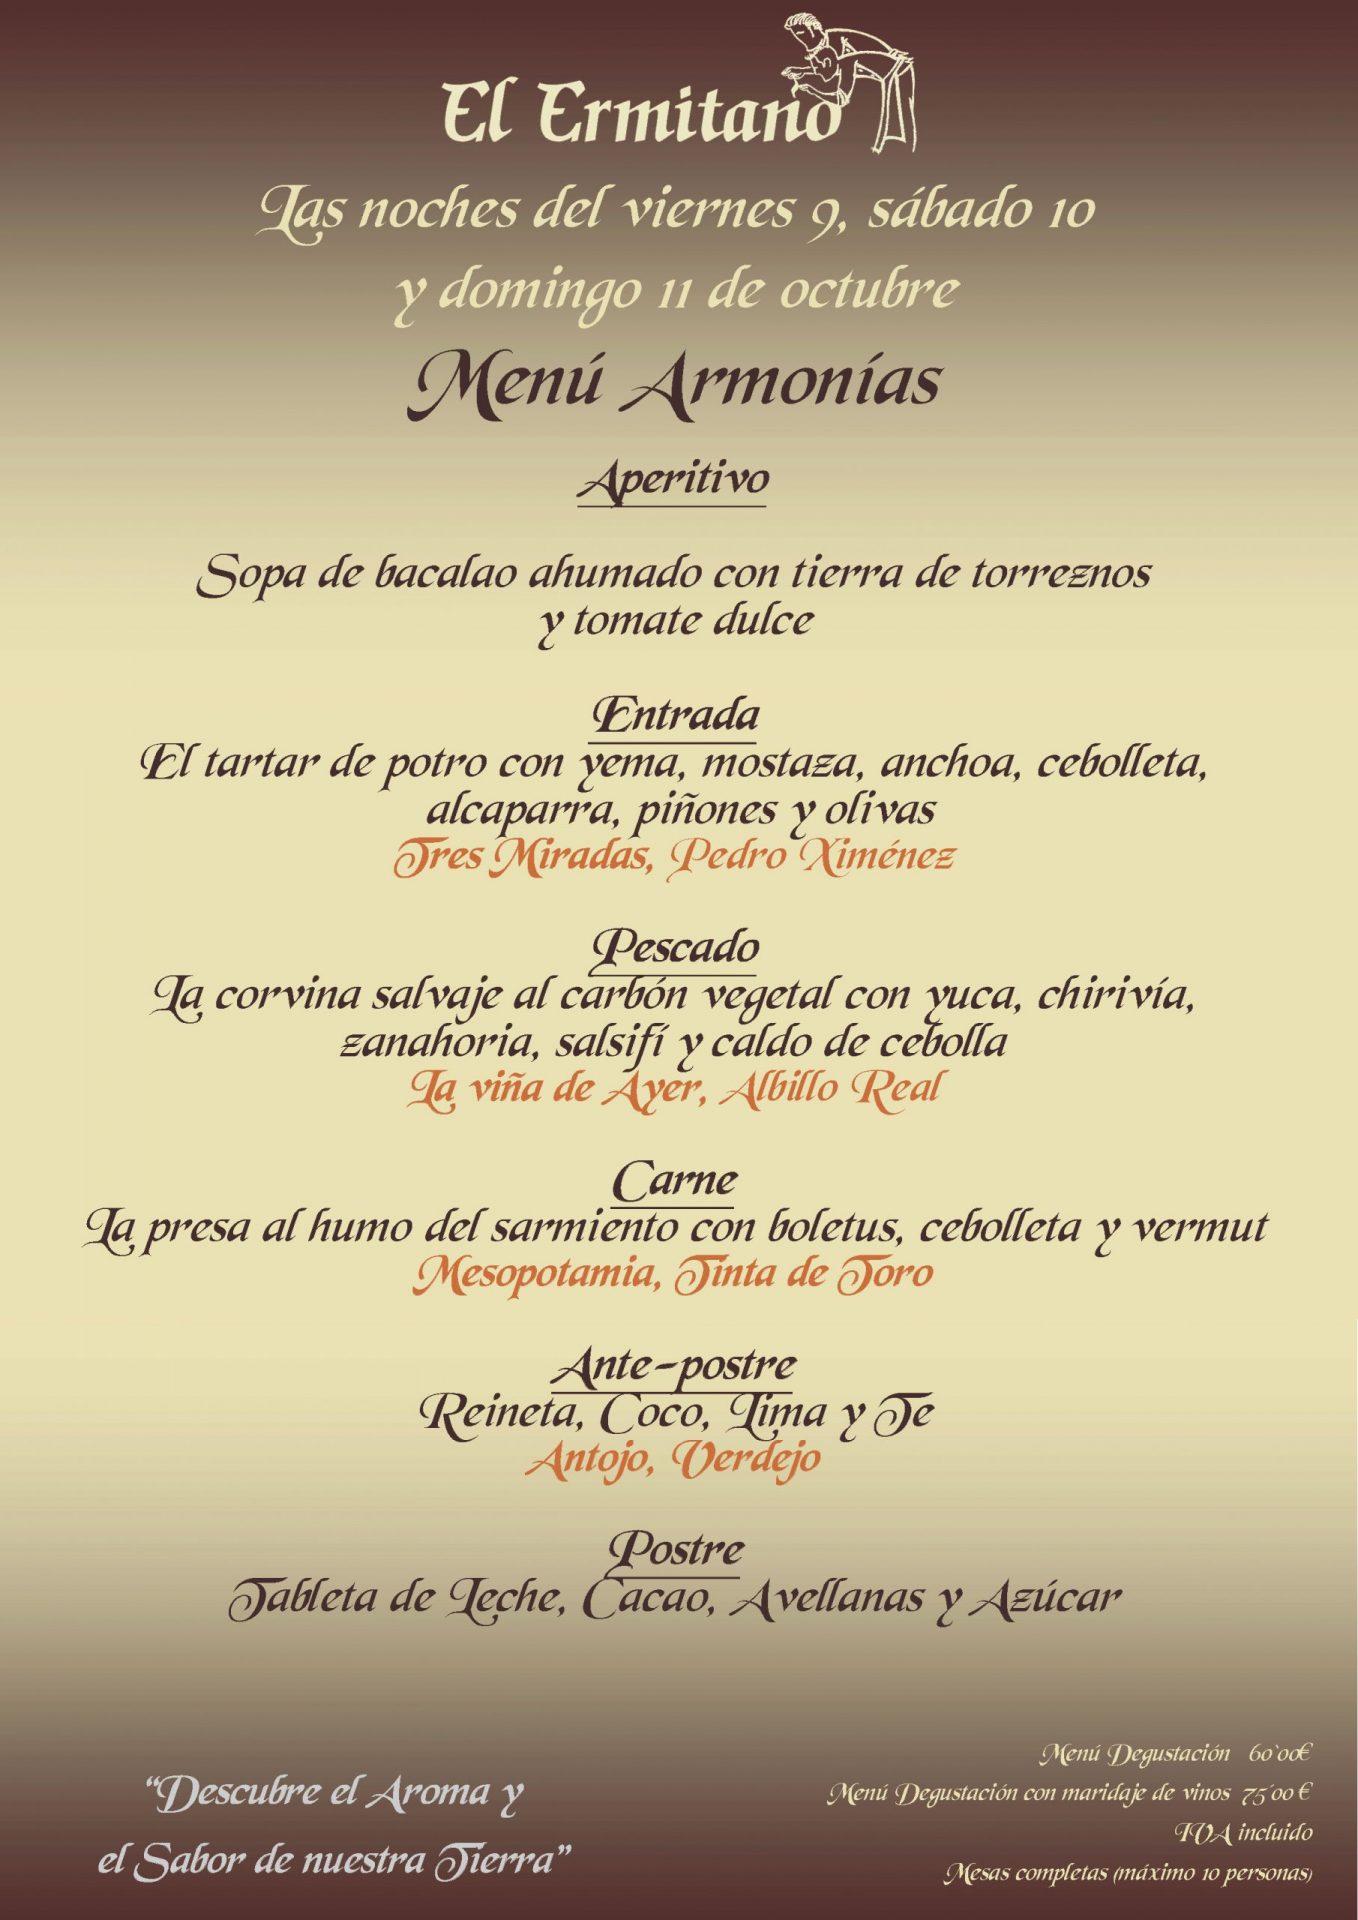 ARMONIAS CENAS 9, 10 Y 11 DE OCTUBRE